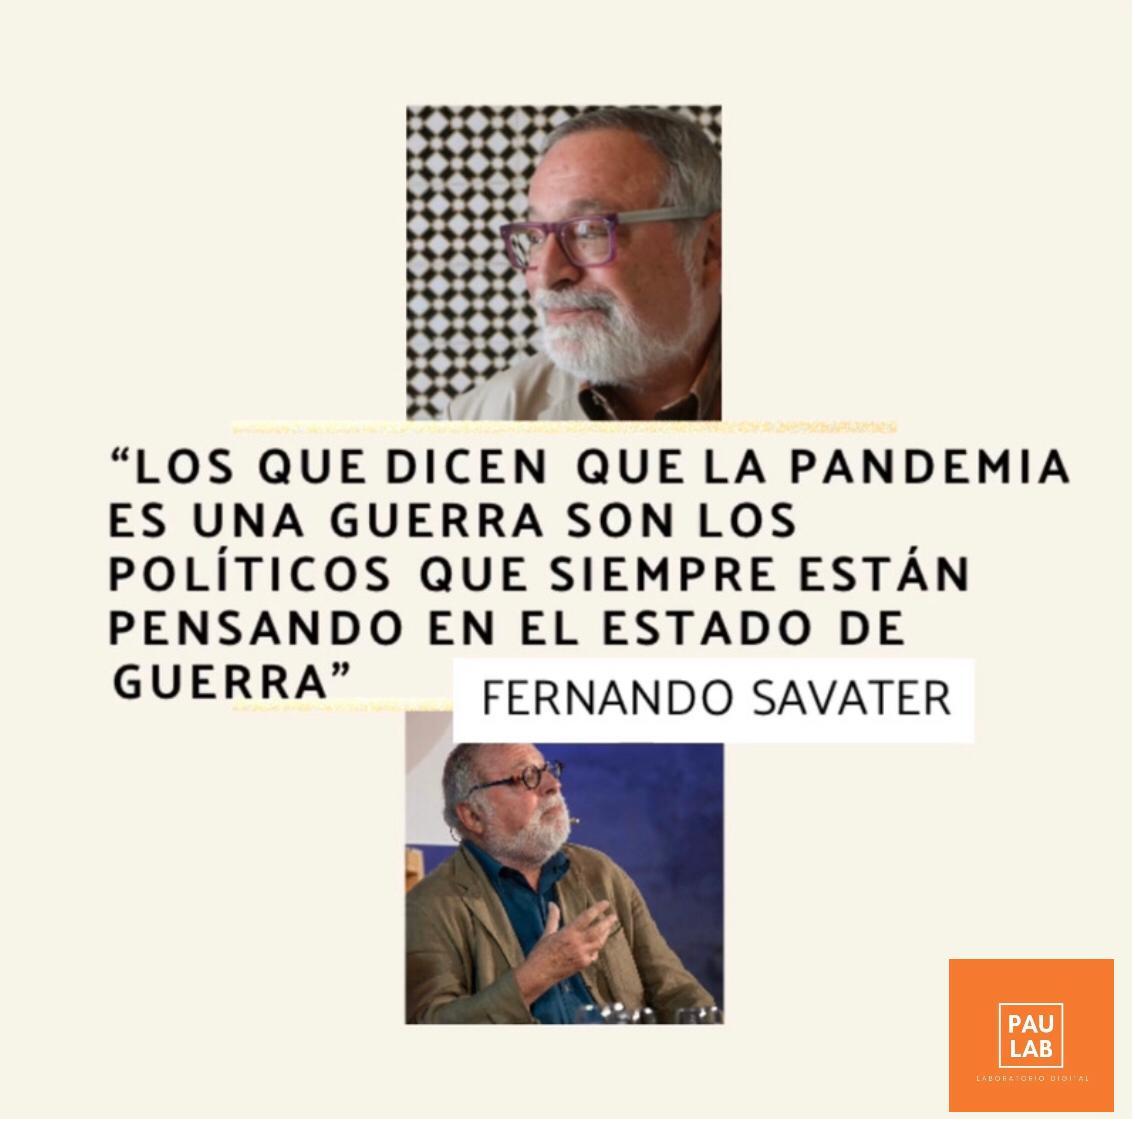 El filósofo español, Fernando Savater, imagina el mundo después del Covid19.